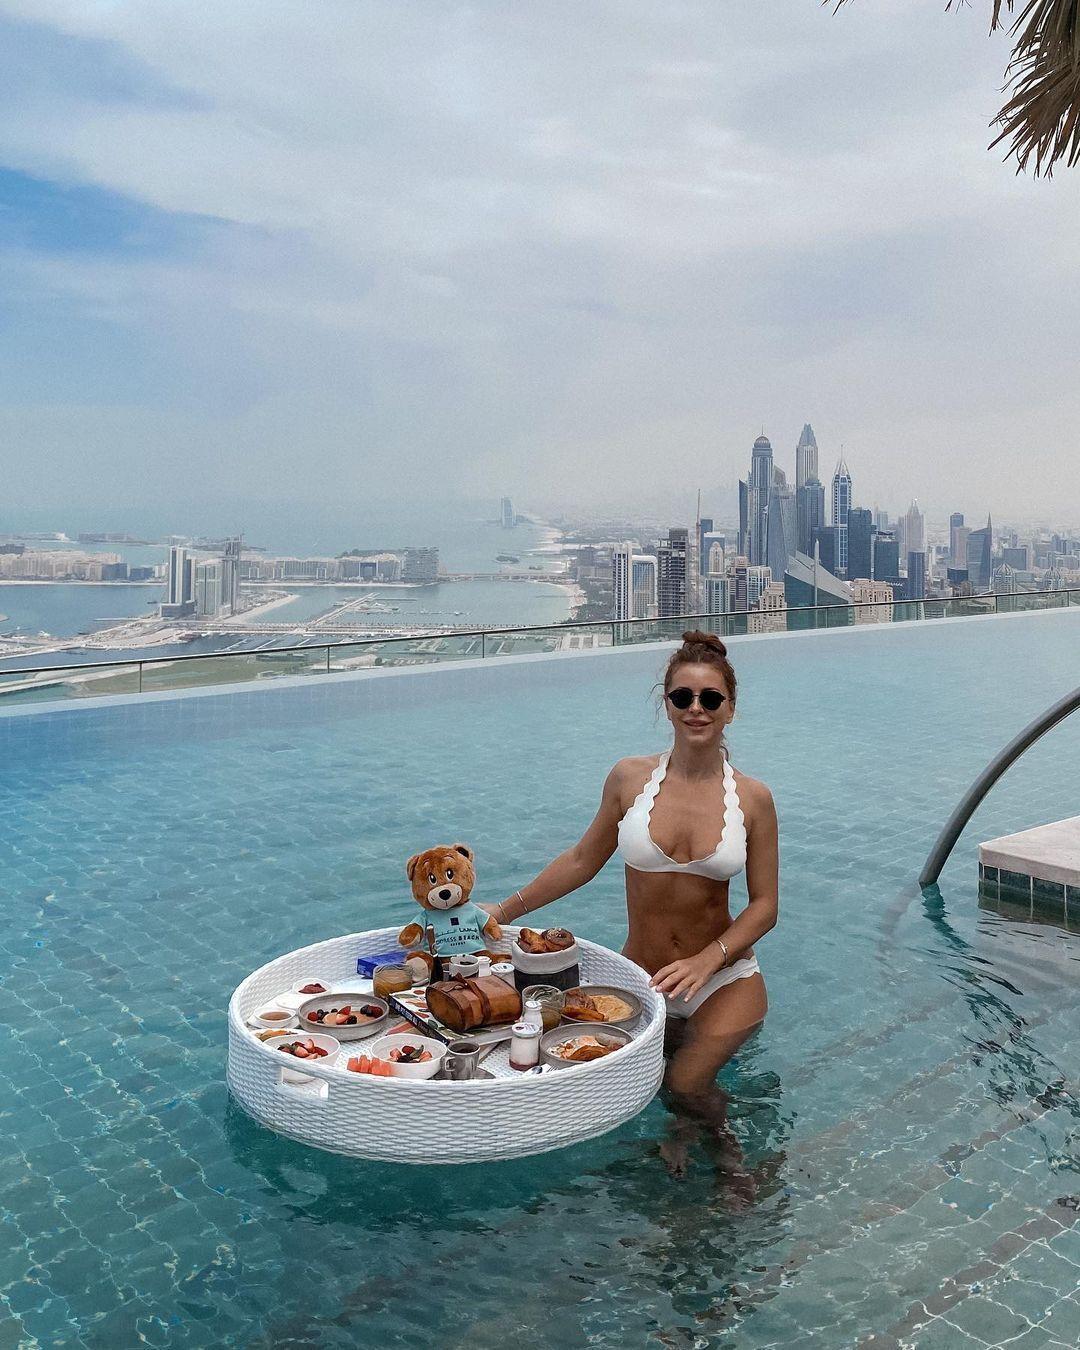 Ани Лорак в бассейне в Дубае.